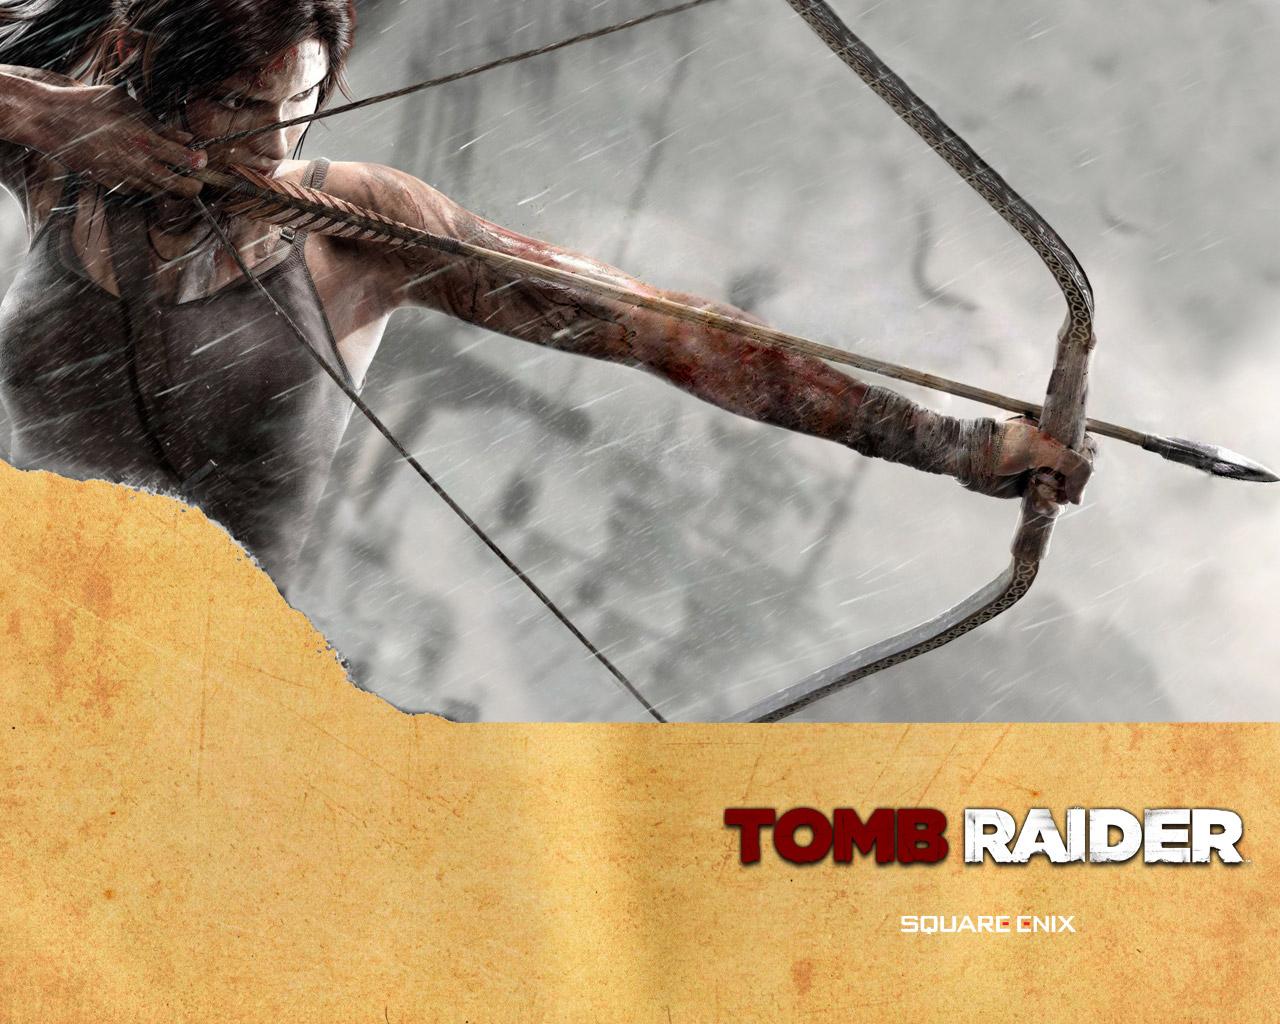 Free Tomb Raider Wallpaper in 1280x1024